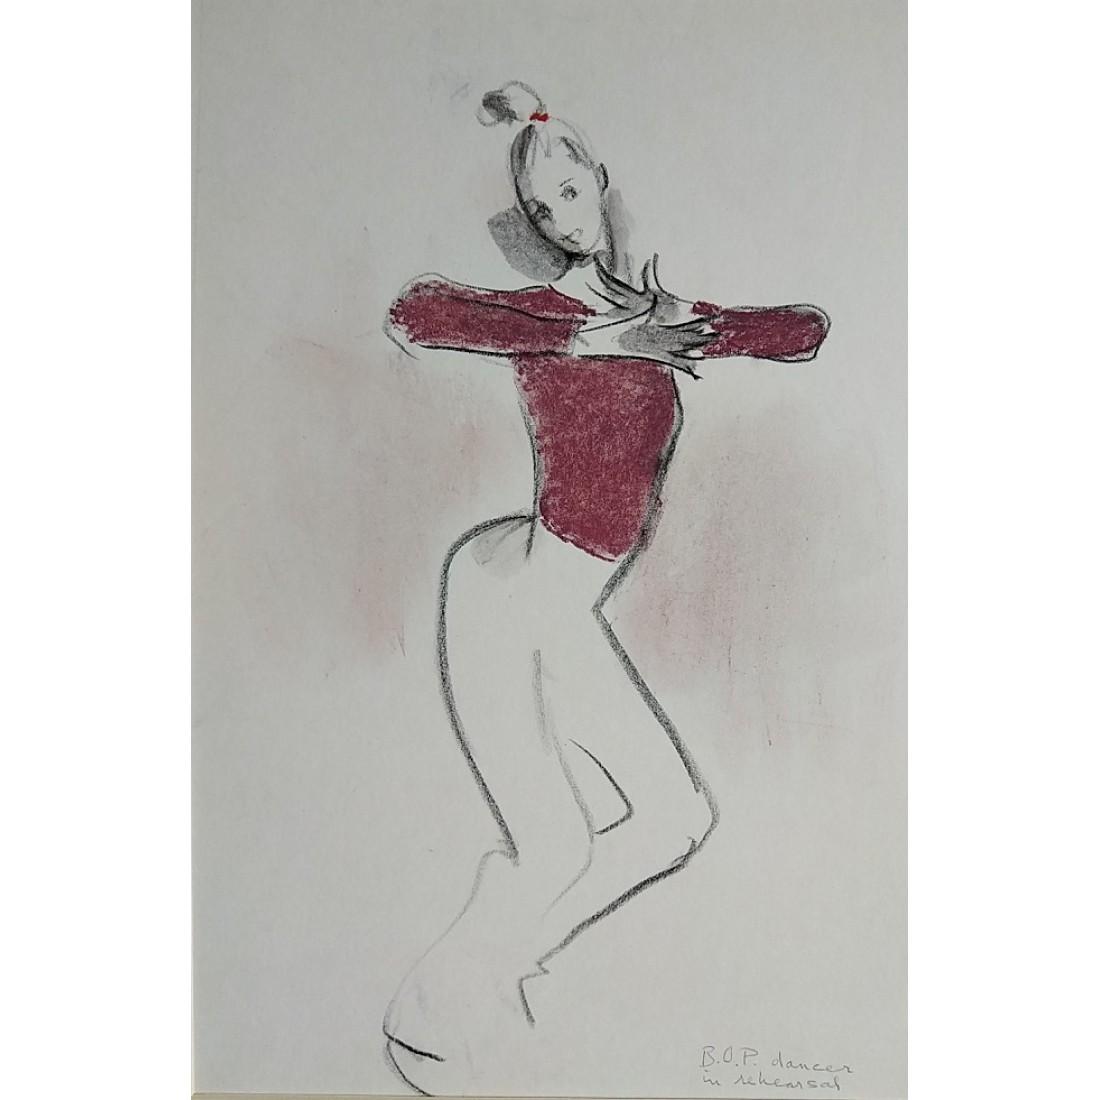 229 B.O.P. Dancer